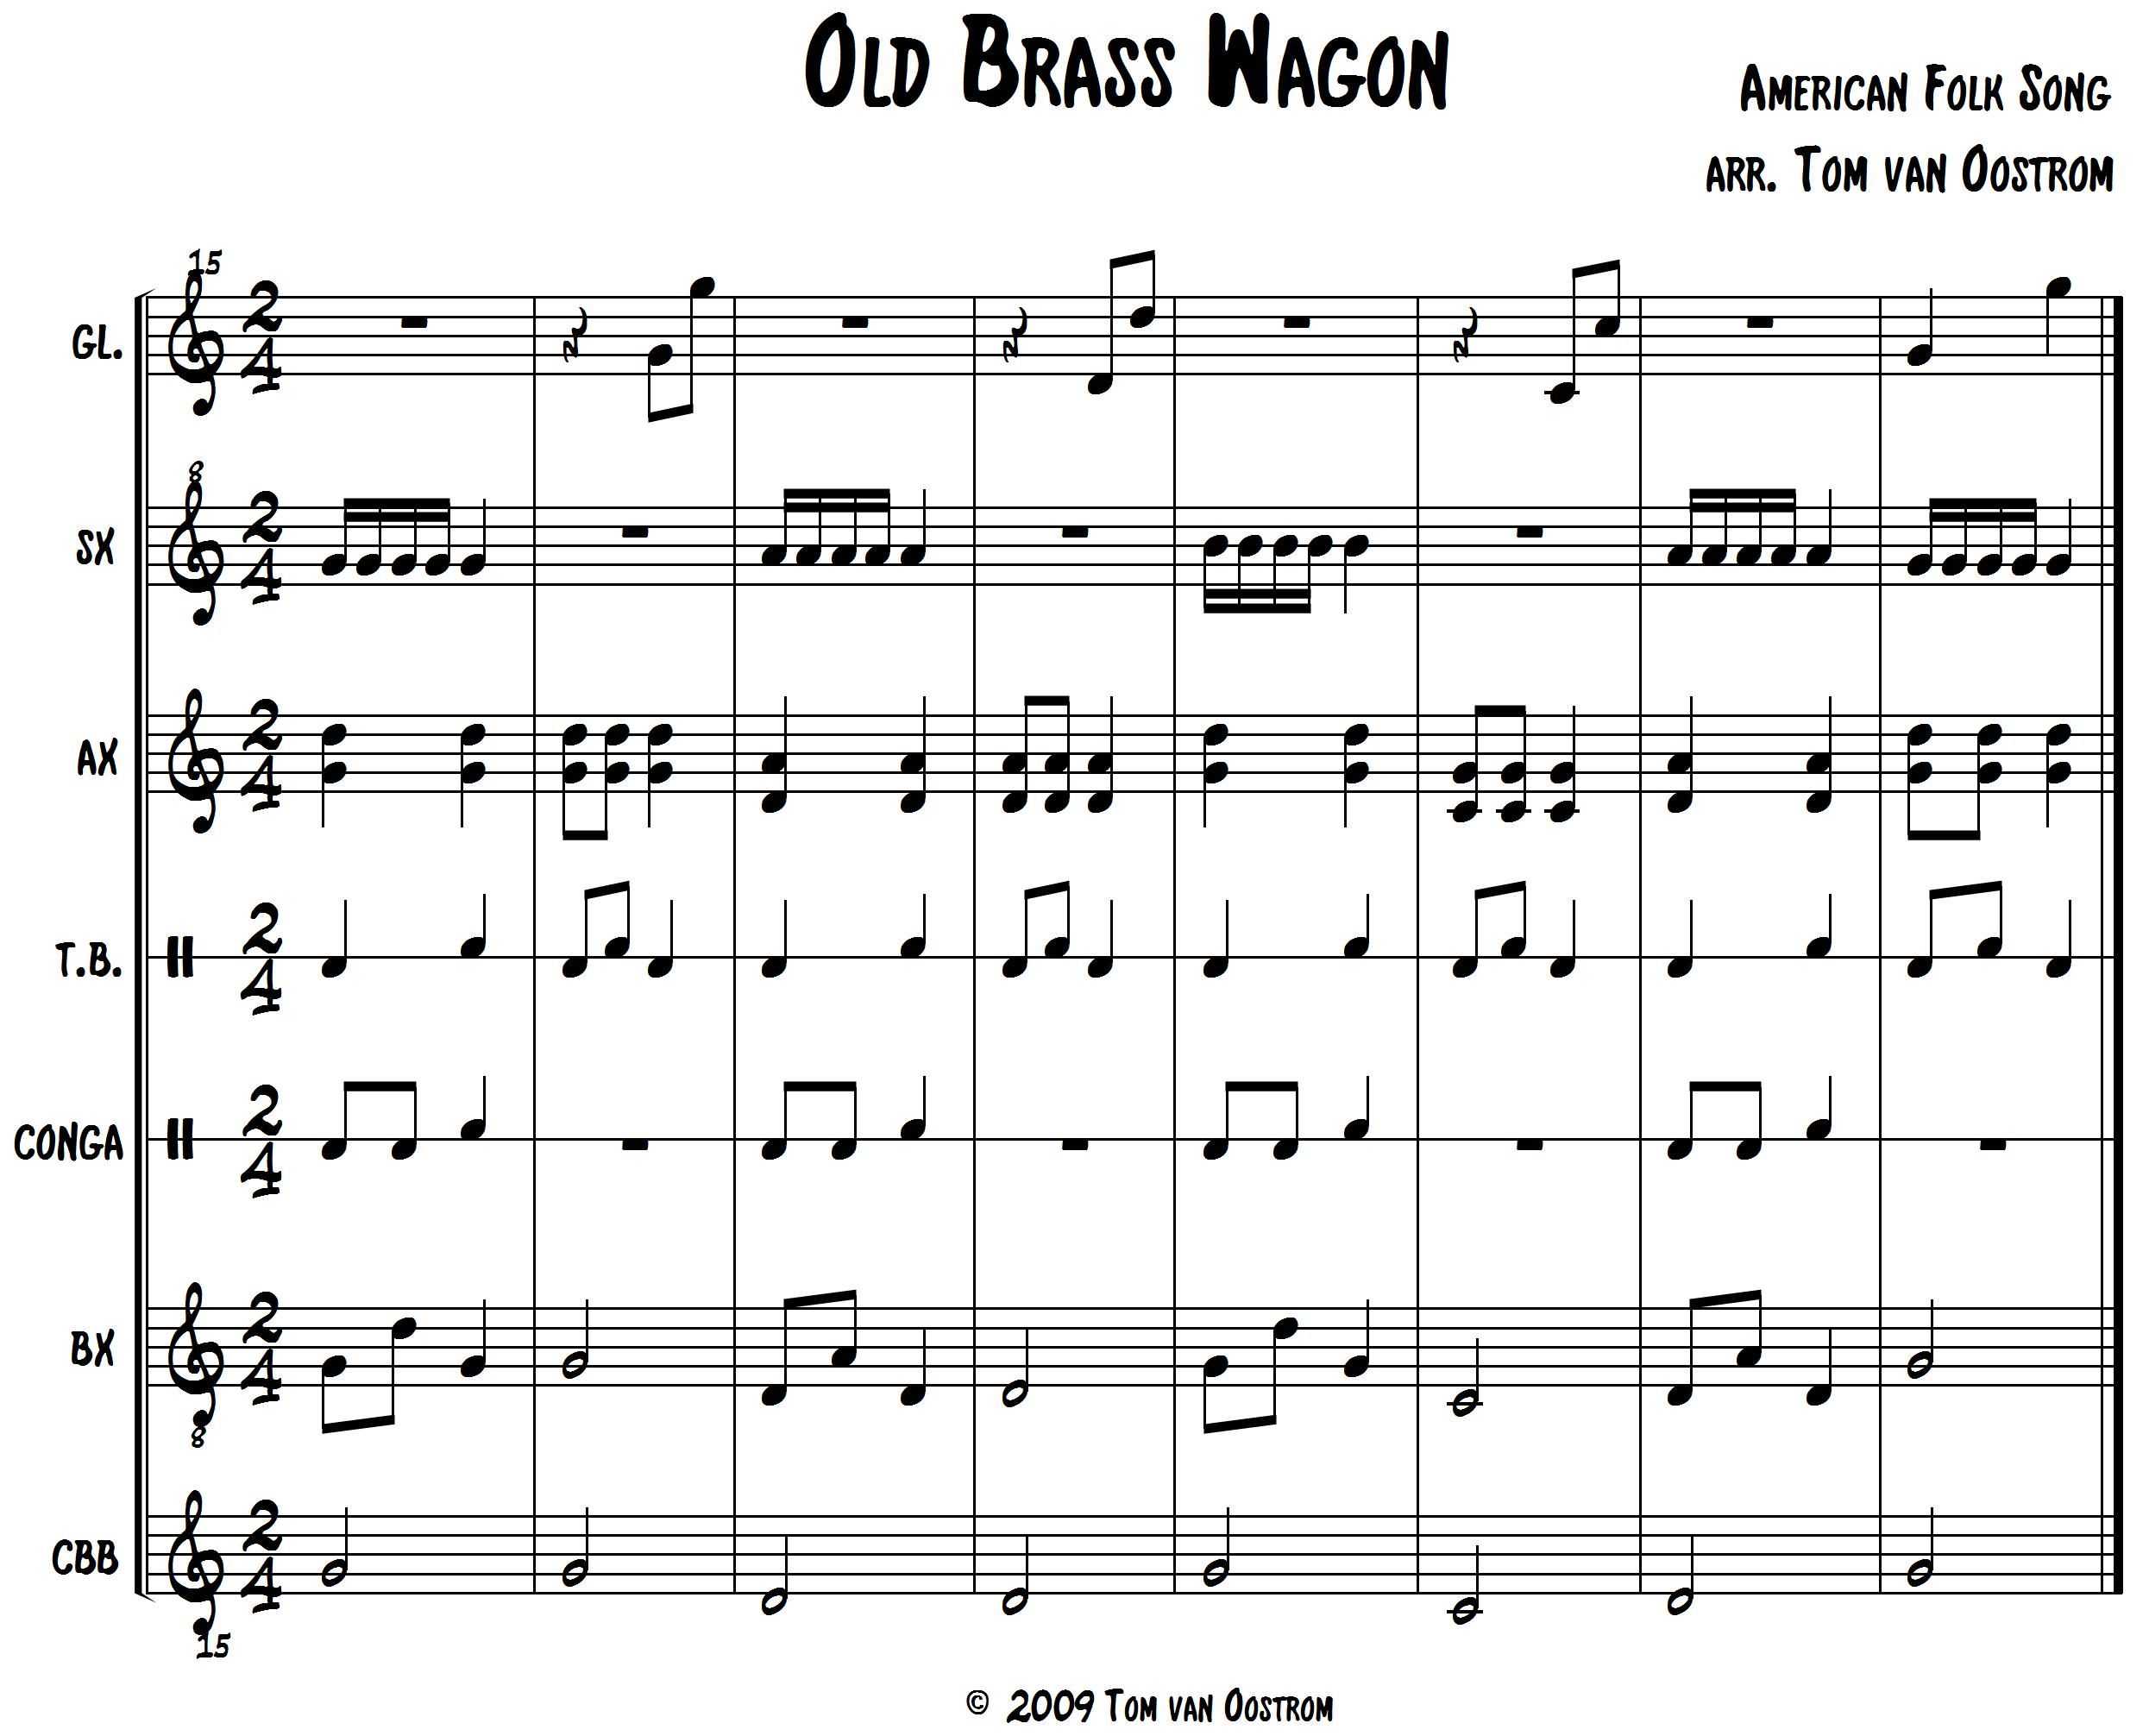 Old Brass Wagon Orff Arrangement